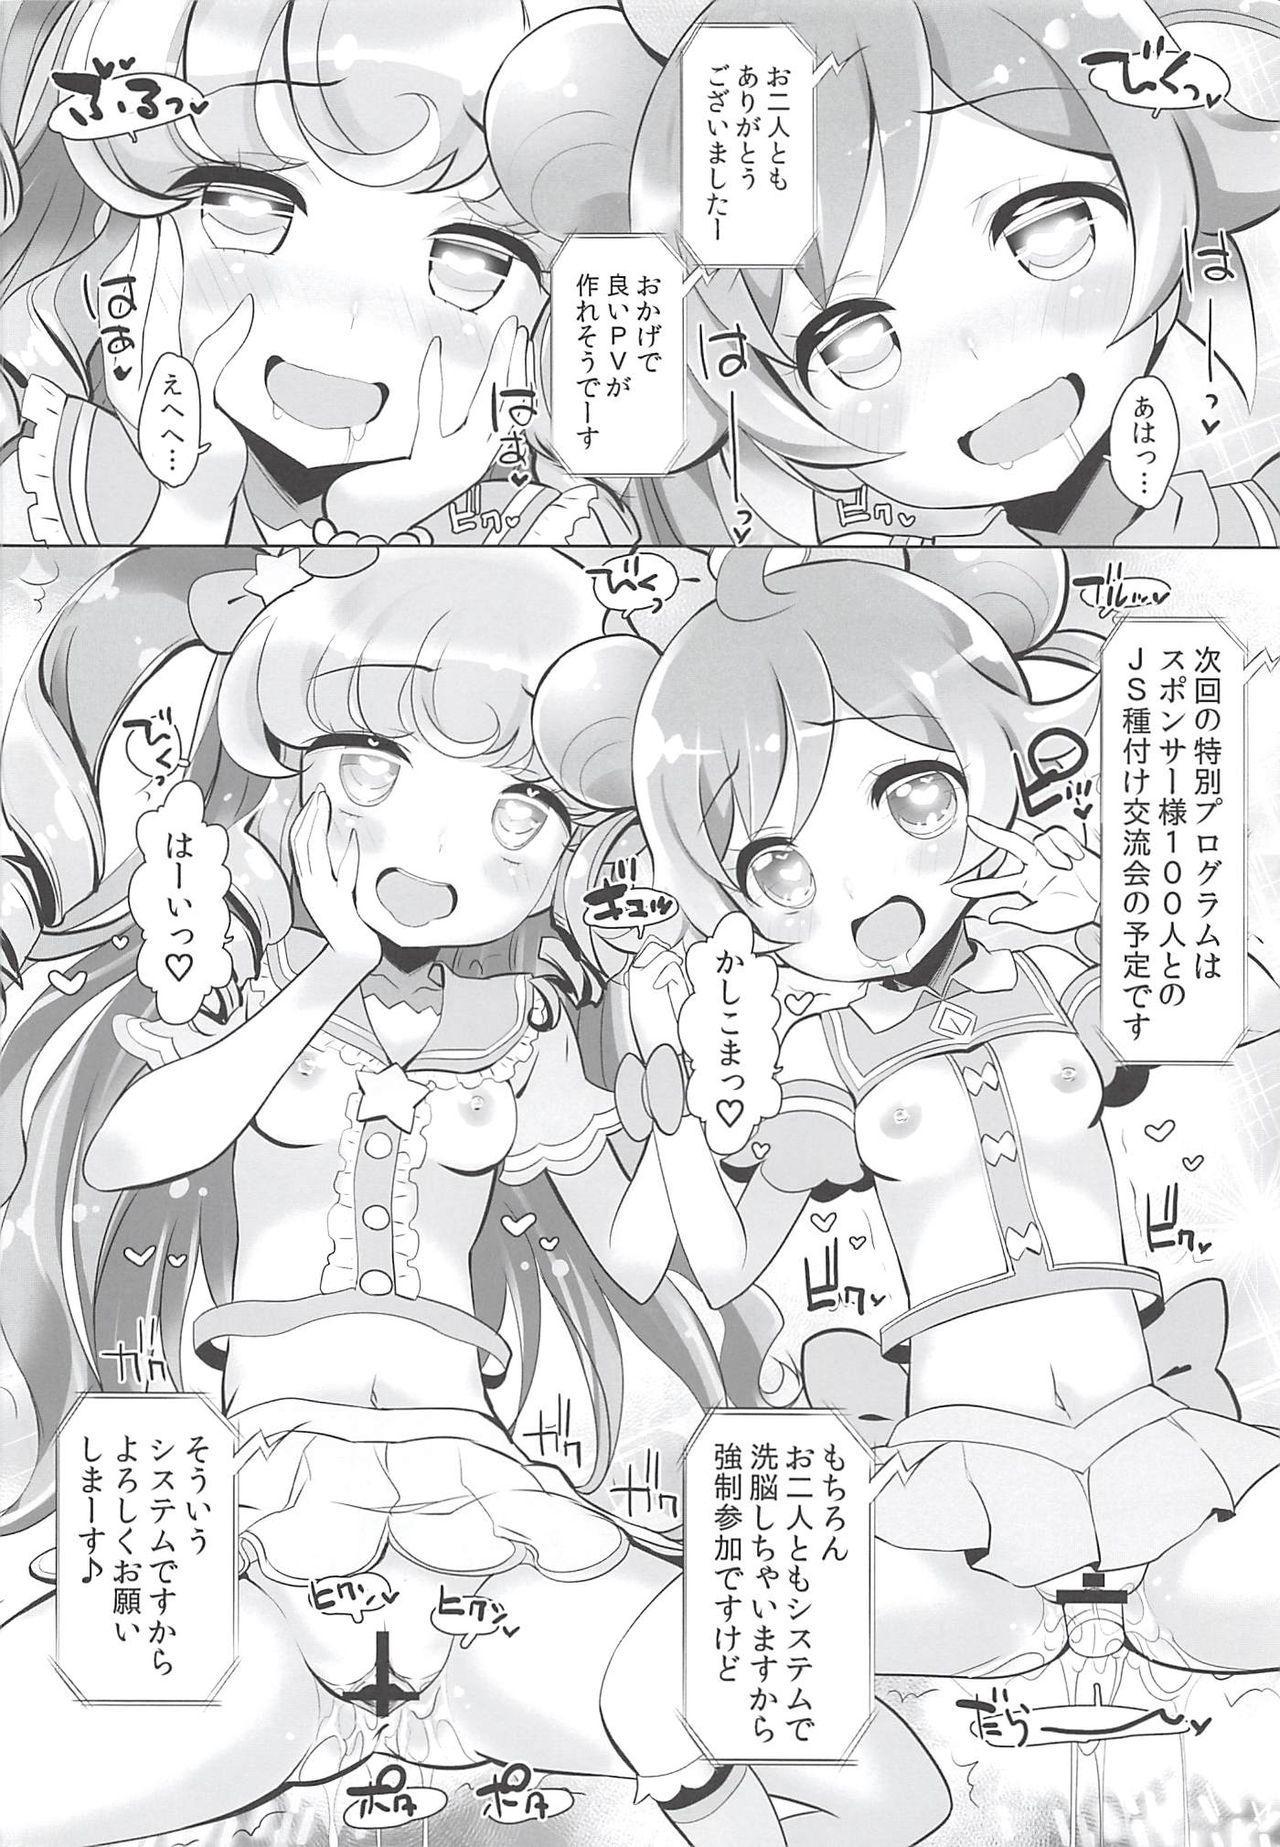 System Desukara Idol Time 12